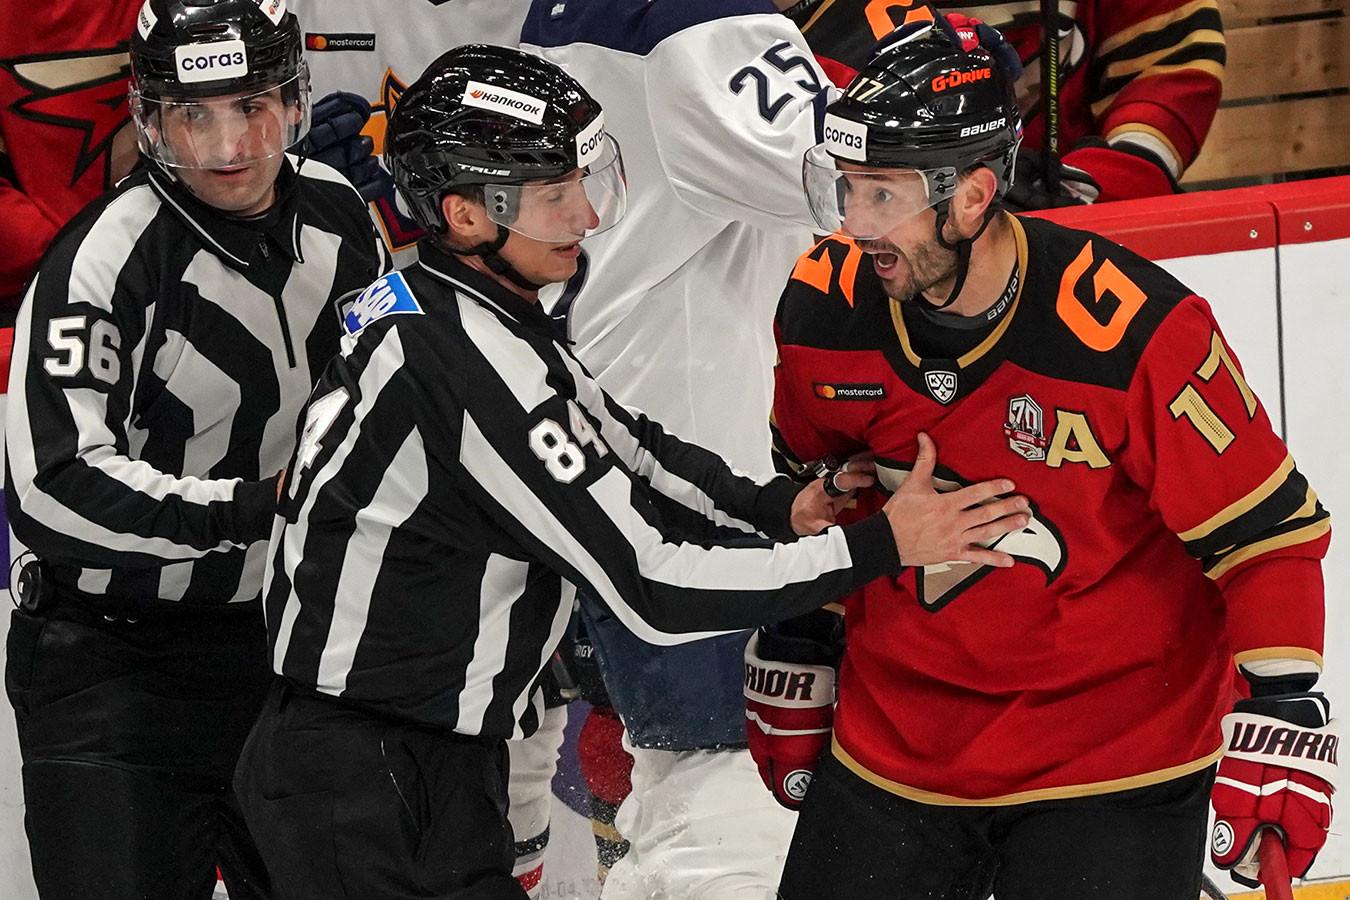 Ковальчук повздорил с Голдобиным, судья успокаивал. Фото с матча «Авангард» — «Металлург»